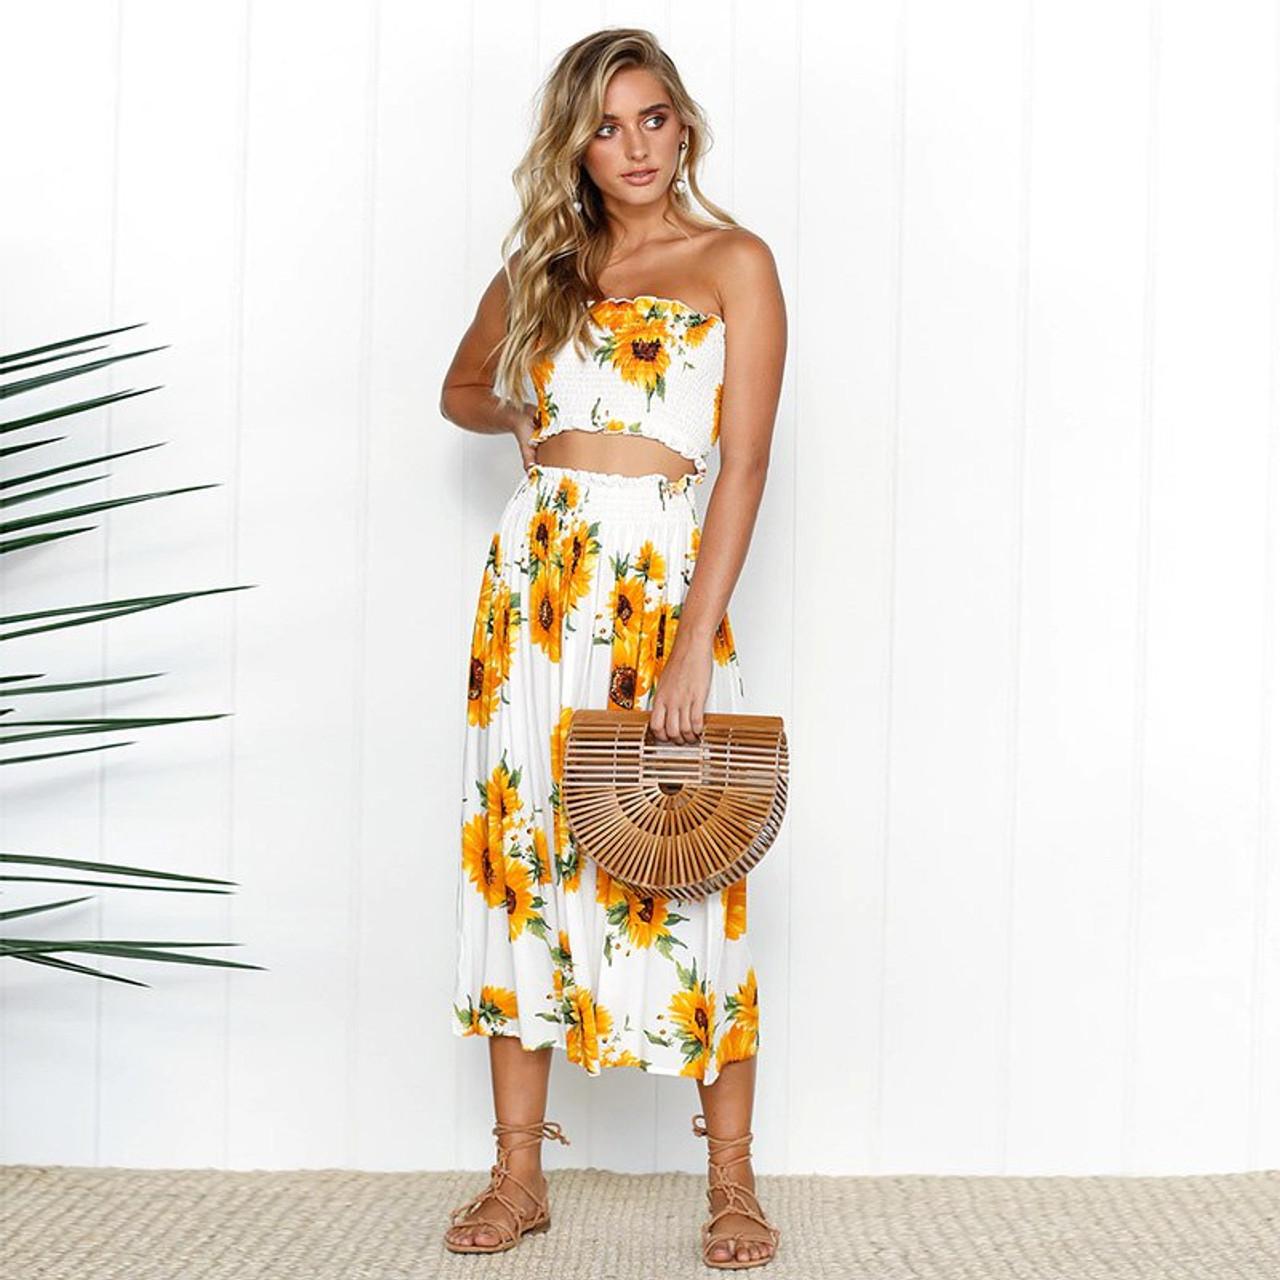 Summer Floral Print 2 Piece Set Dress Women Sexy Strapless Wrapped Crop Top High Waist Midi Dress 2019 Beachwear Robe Sunflower